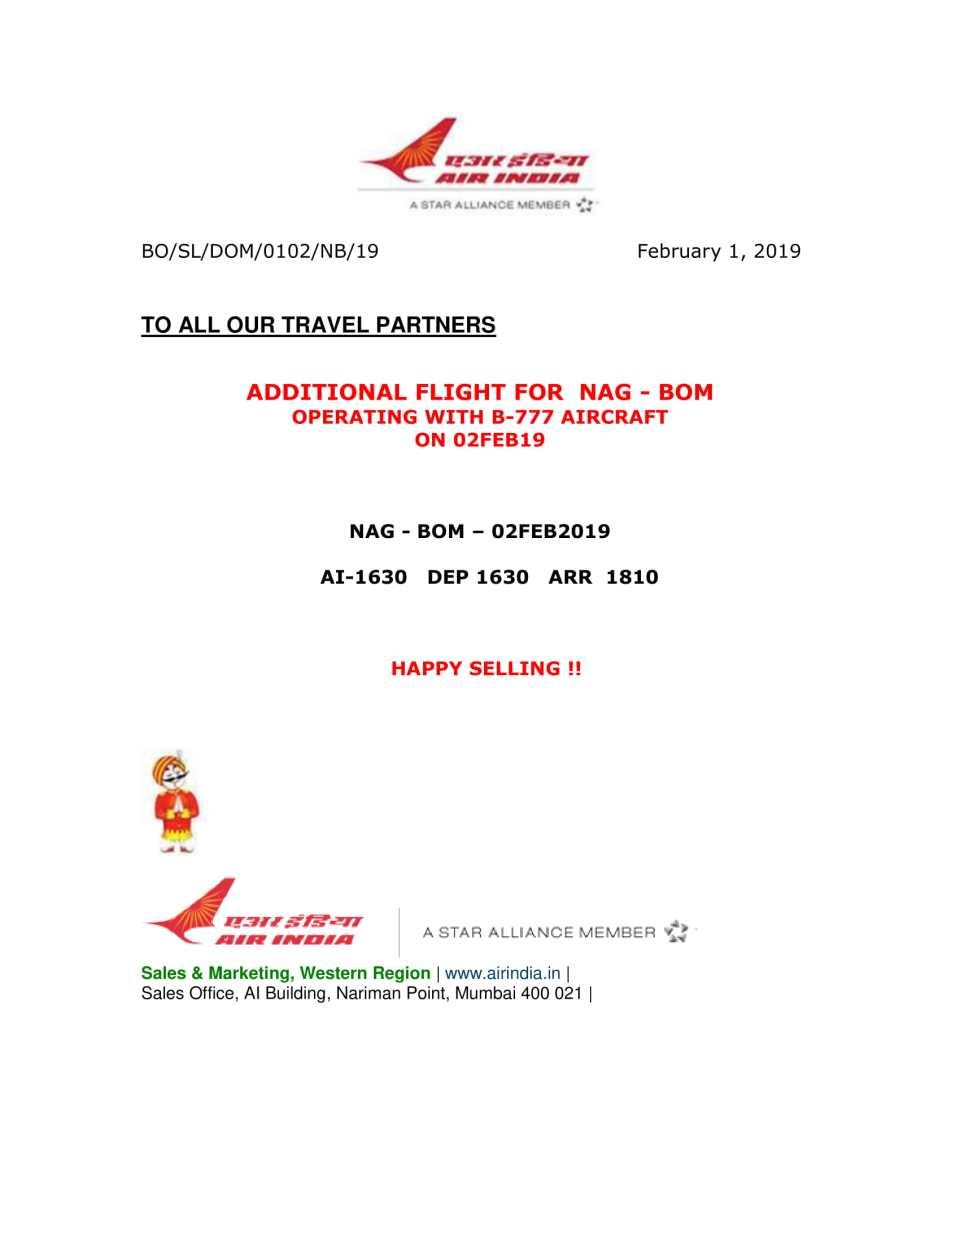 Additional Flight NAG-BOM 02FEB19(Cir 19)-1.jpg